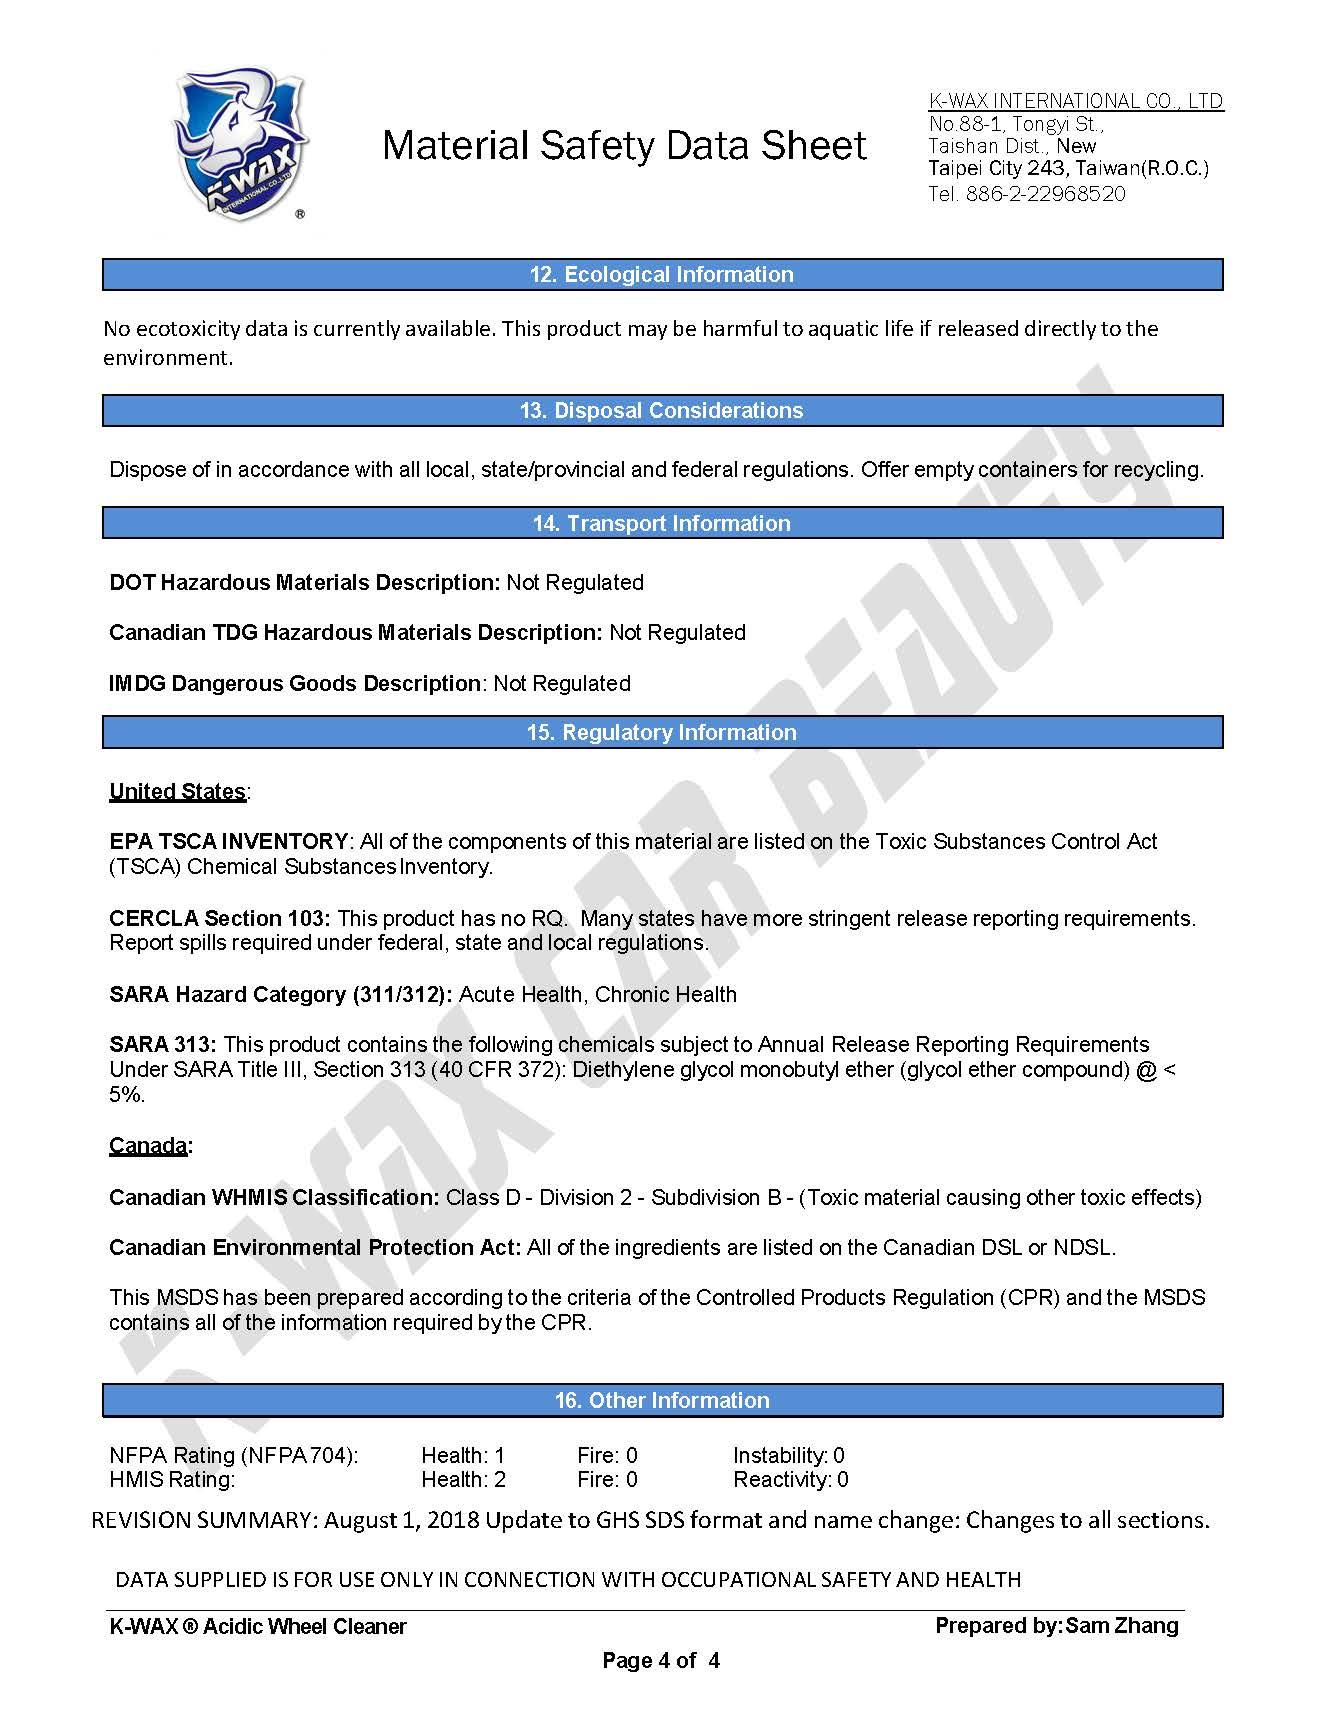 酸性鋼圈劑 MSDS_页面_4.jpg